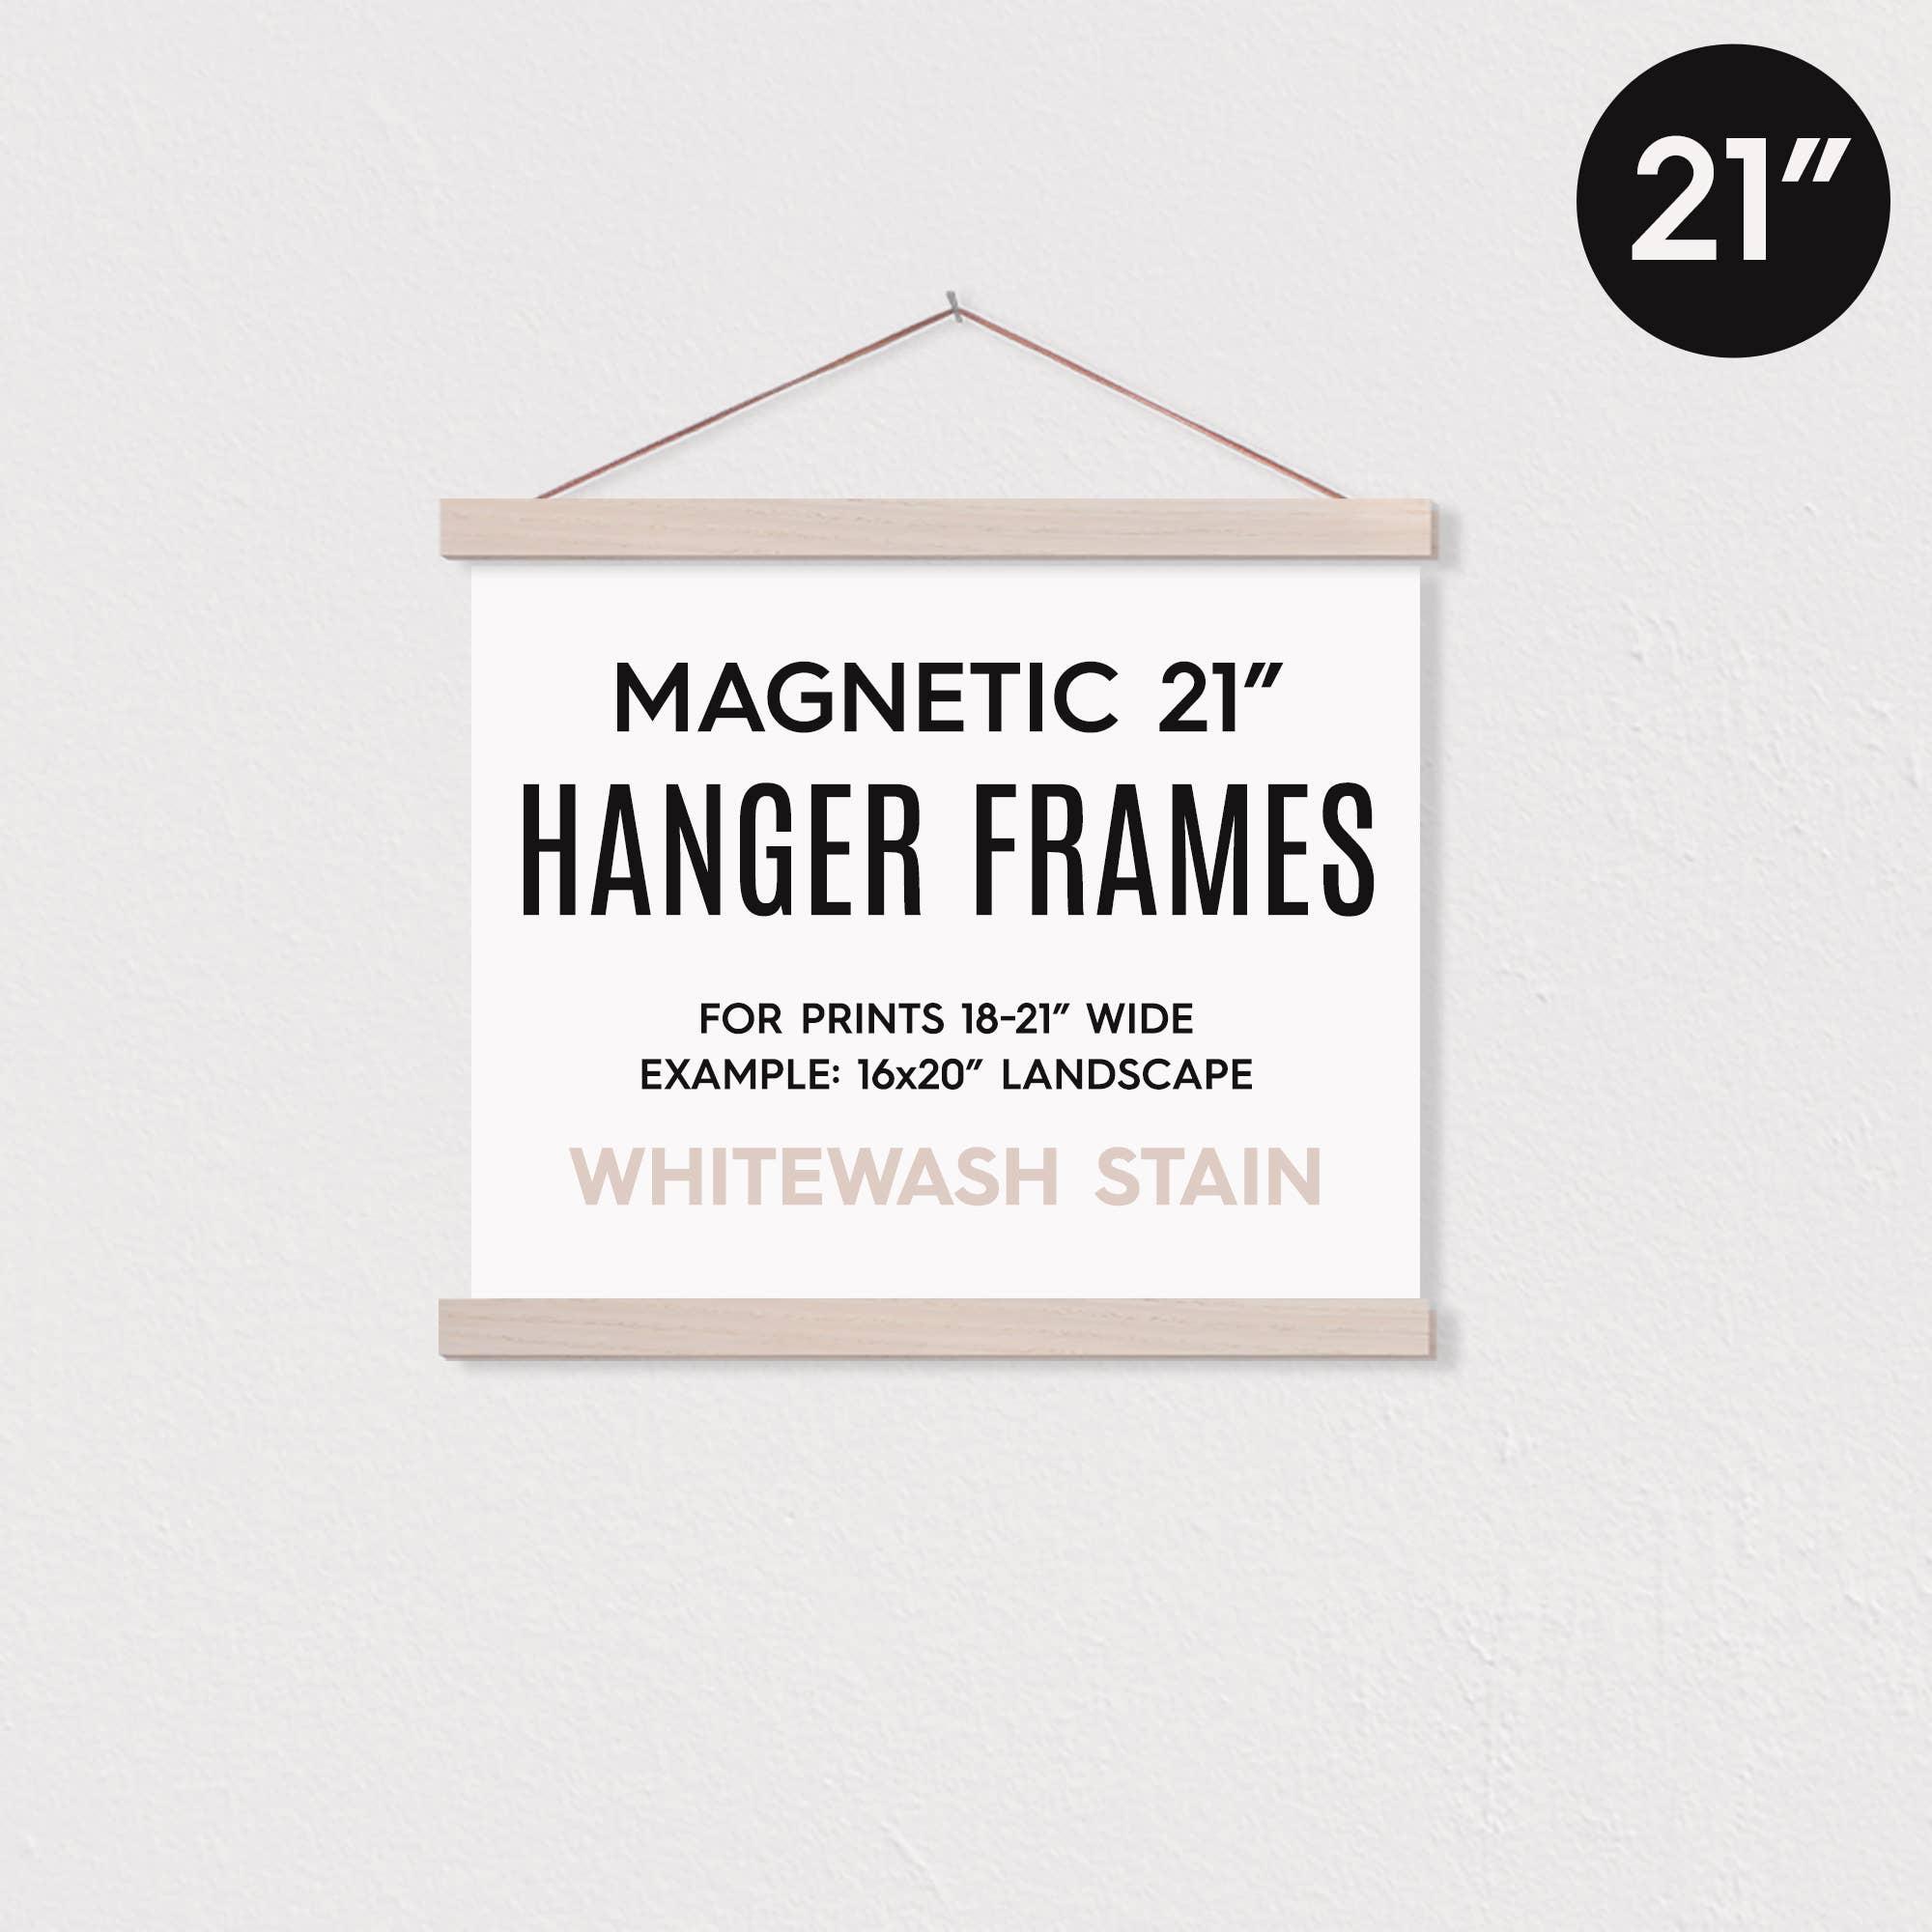 """21"""" MAGNETIC Poster Hanger Frame™ for 16x20"""" Landscape   Trada Marketplace"""